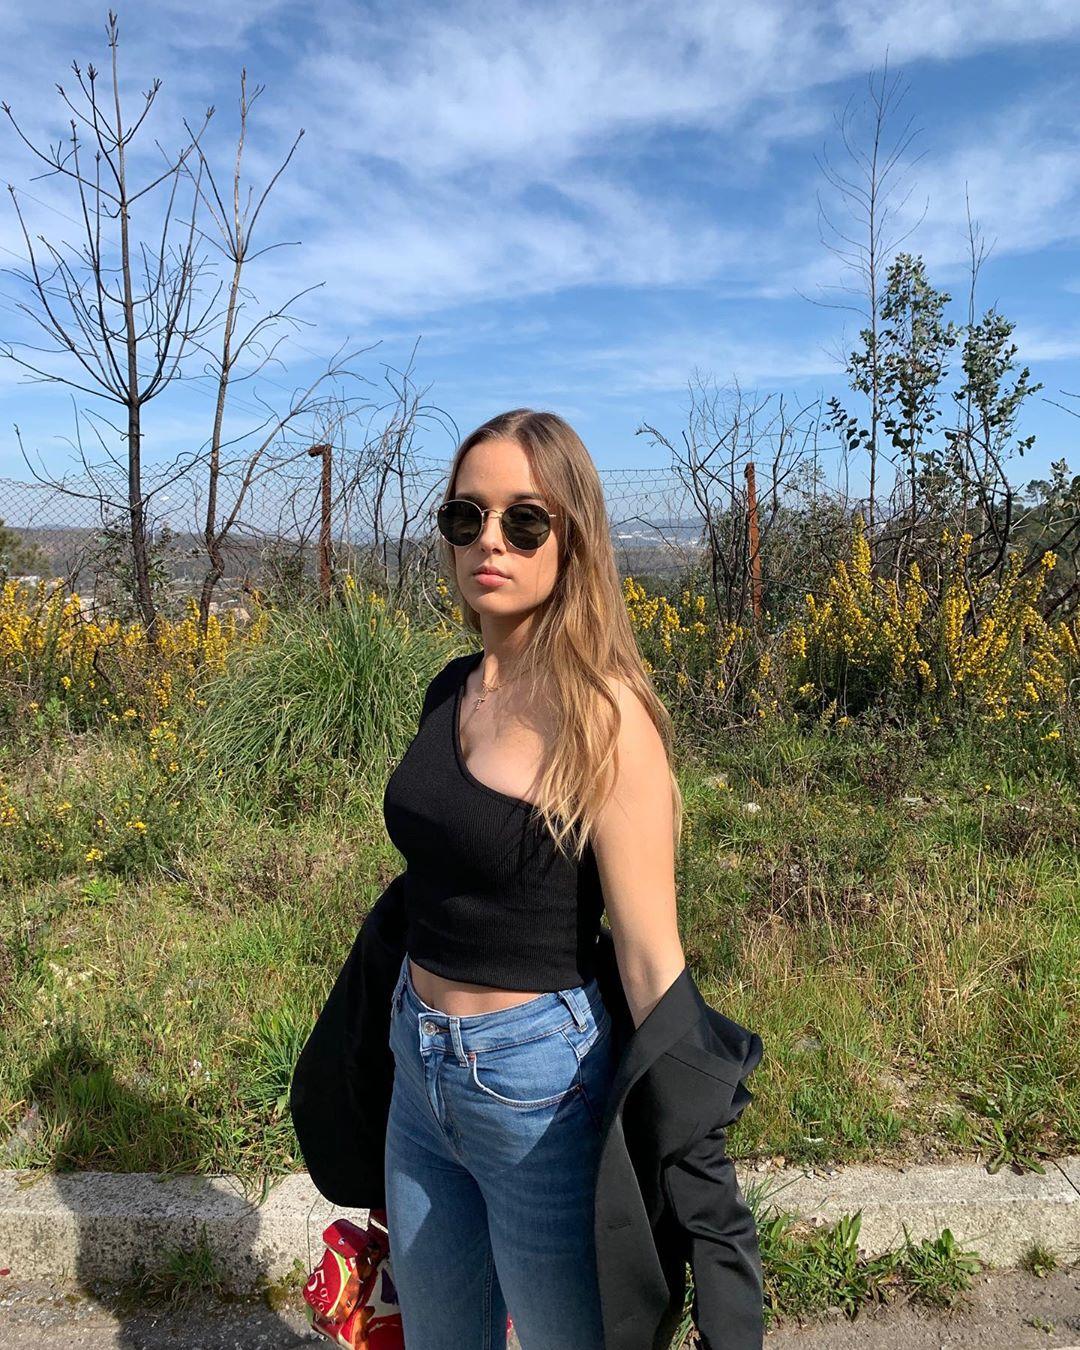 Laura Sofia, de filha de Nuno Gomes a fenómeno nas redes sociais